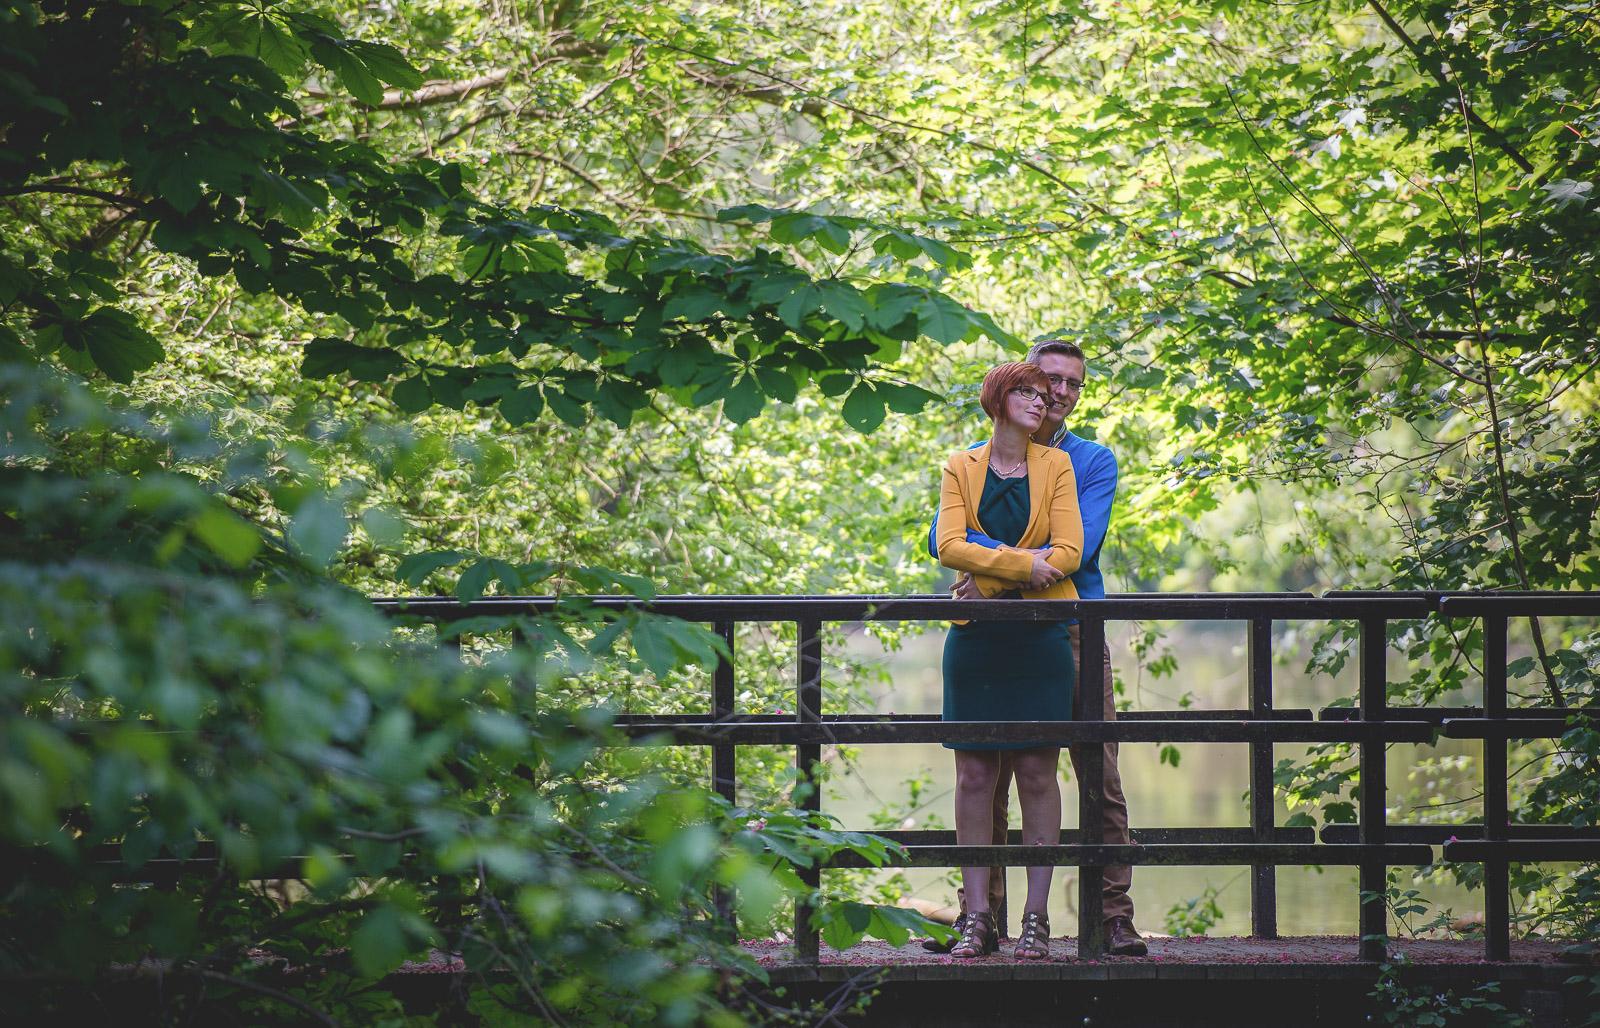 verlovingsfotografie huwelijksfotografie bruidskoppel verliefd verloofd trouwfotograaf huwelijksfotograaf loveshoot